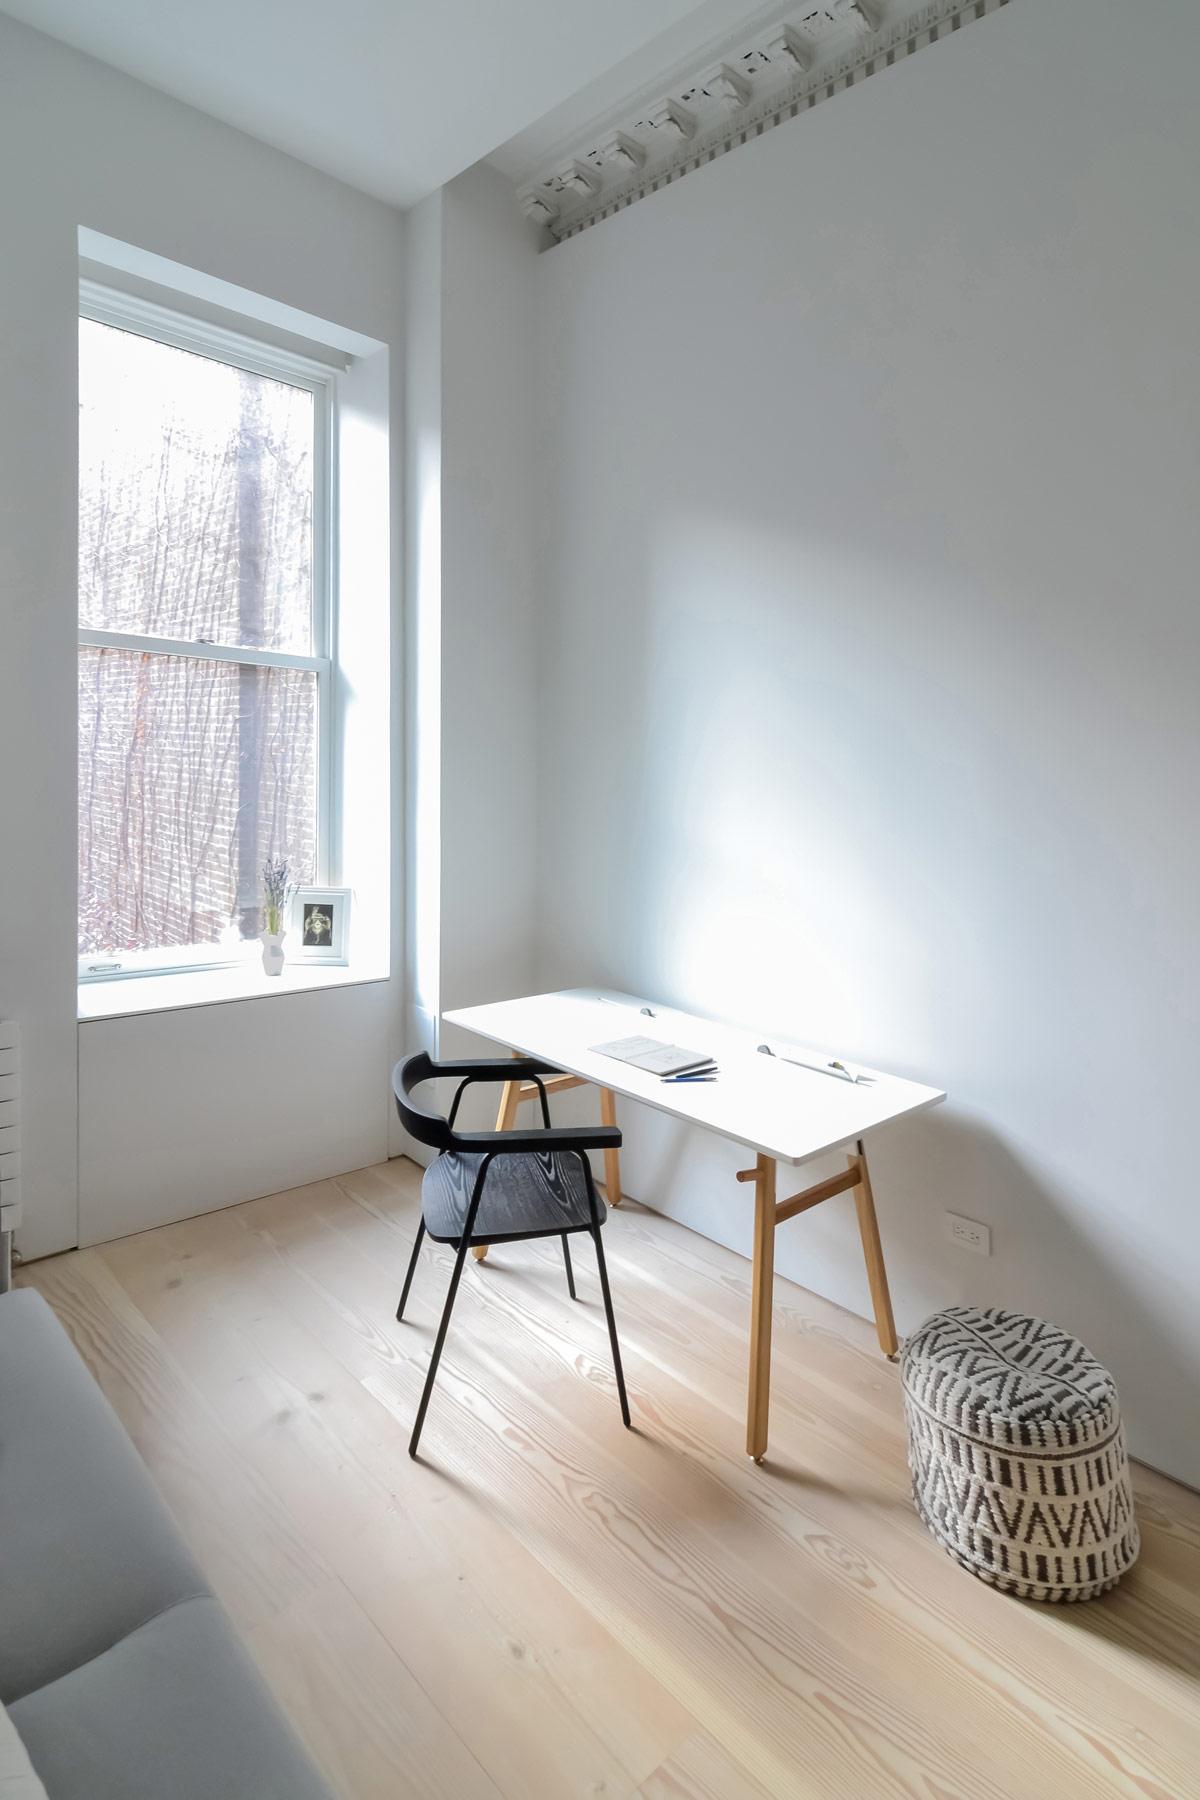 """Dành cho ai có cuộc sống xô bồ, bận rộn: Một không gian sống kết hợp từ bộ đôi """"Scandinavia và sự tối giản của người Nhật"""" sẽ khiến bạn phải vỗ tay hài lòng - Ảnh 16."""